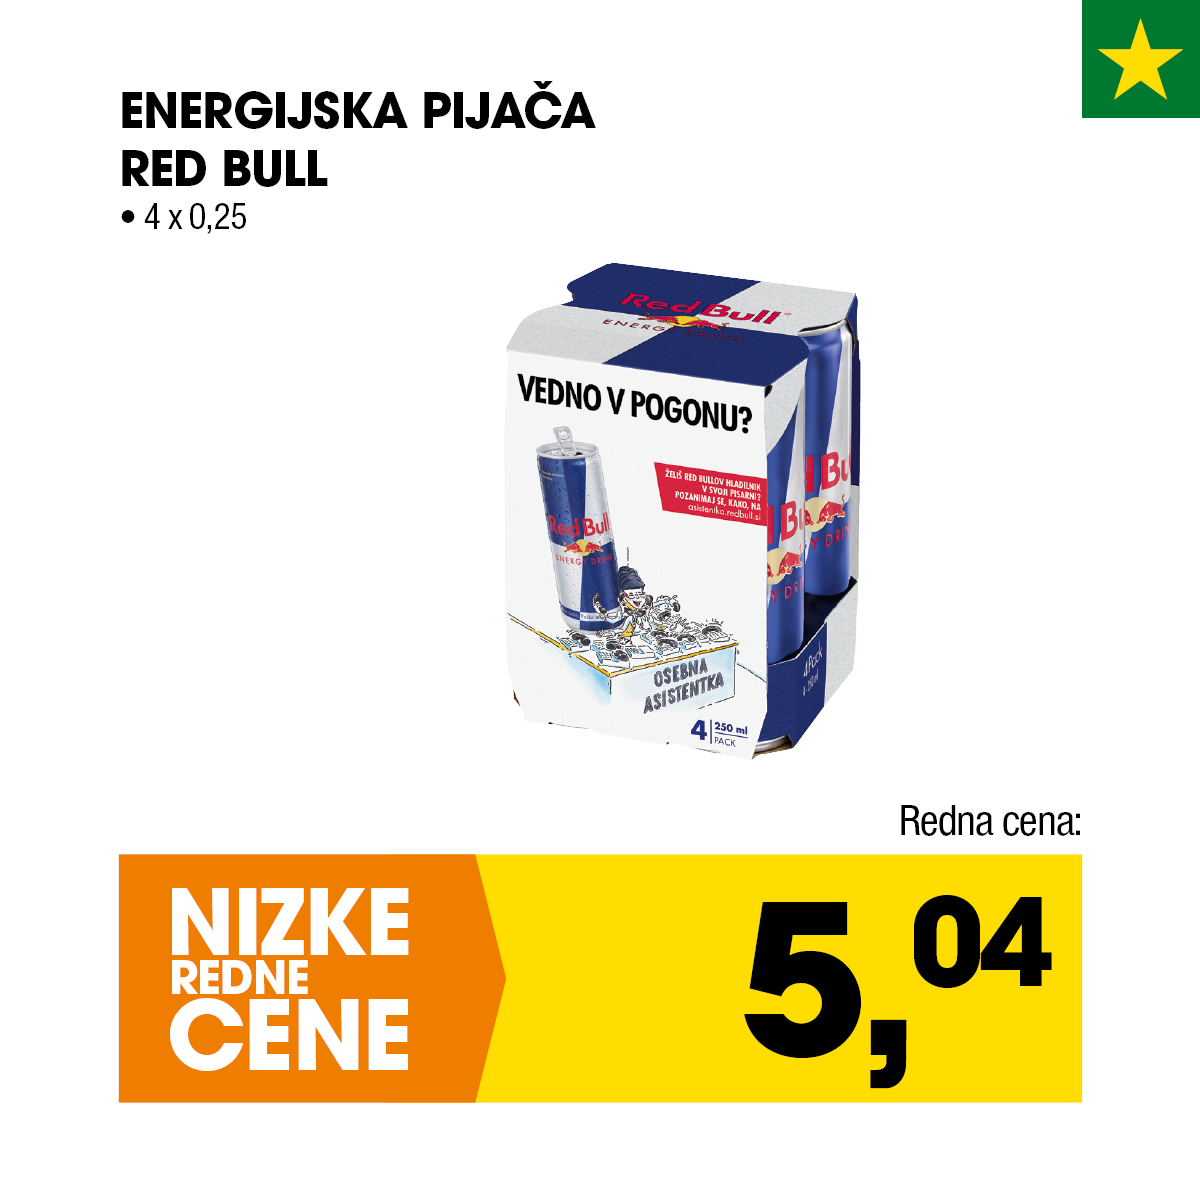 Red Bull energijska pijača 4x0,25